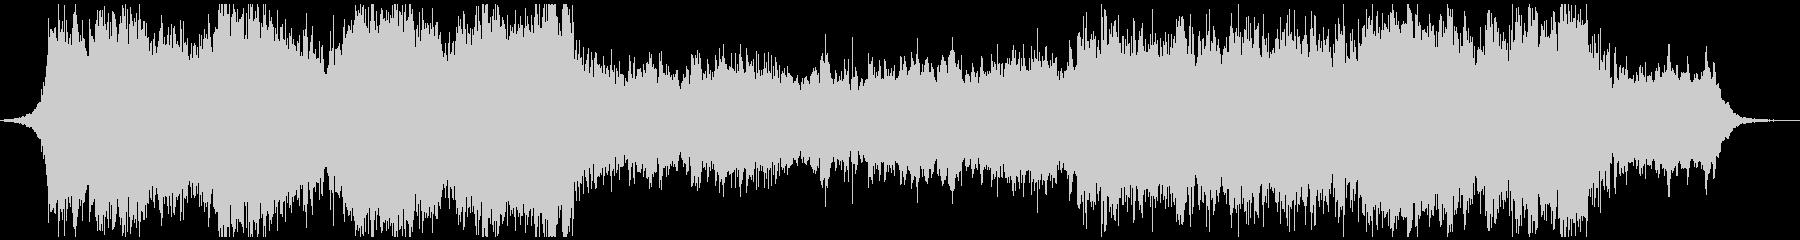 北欧風オーケストラアンビエント 60秒版の未再生の波形